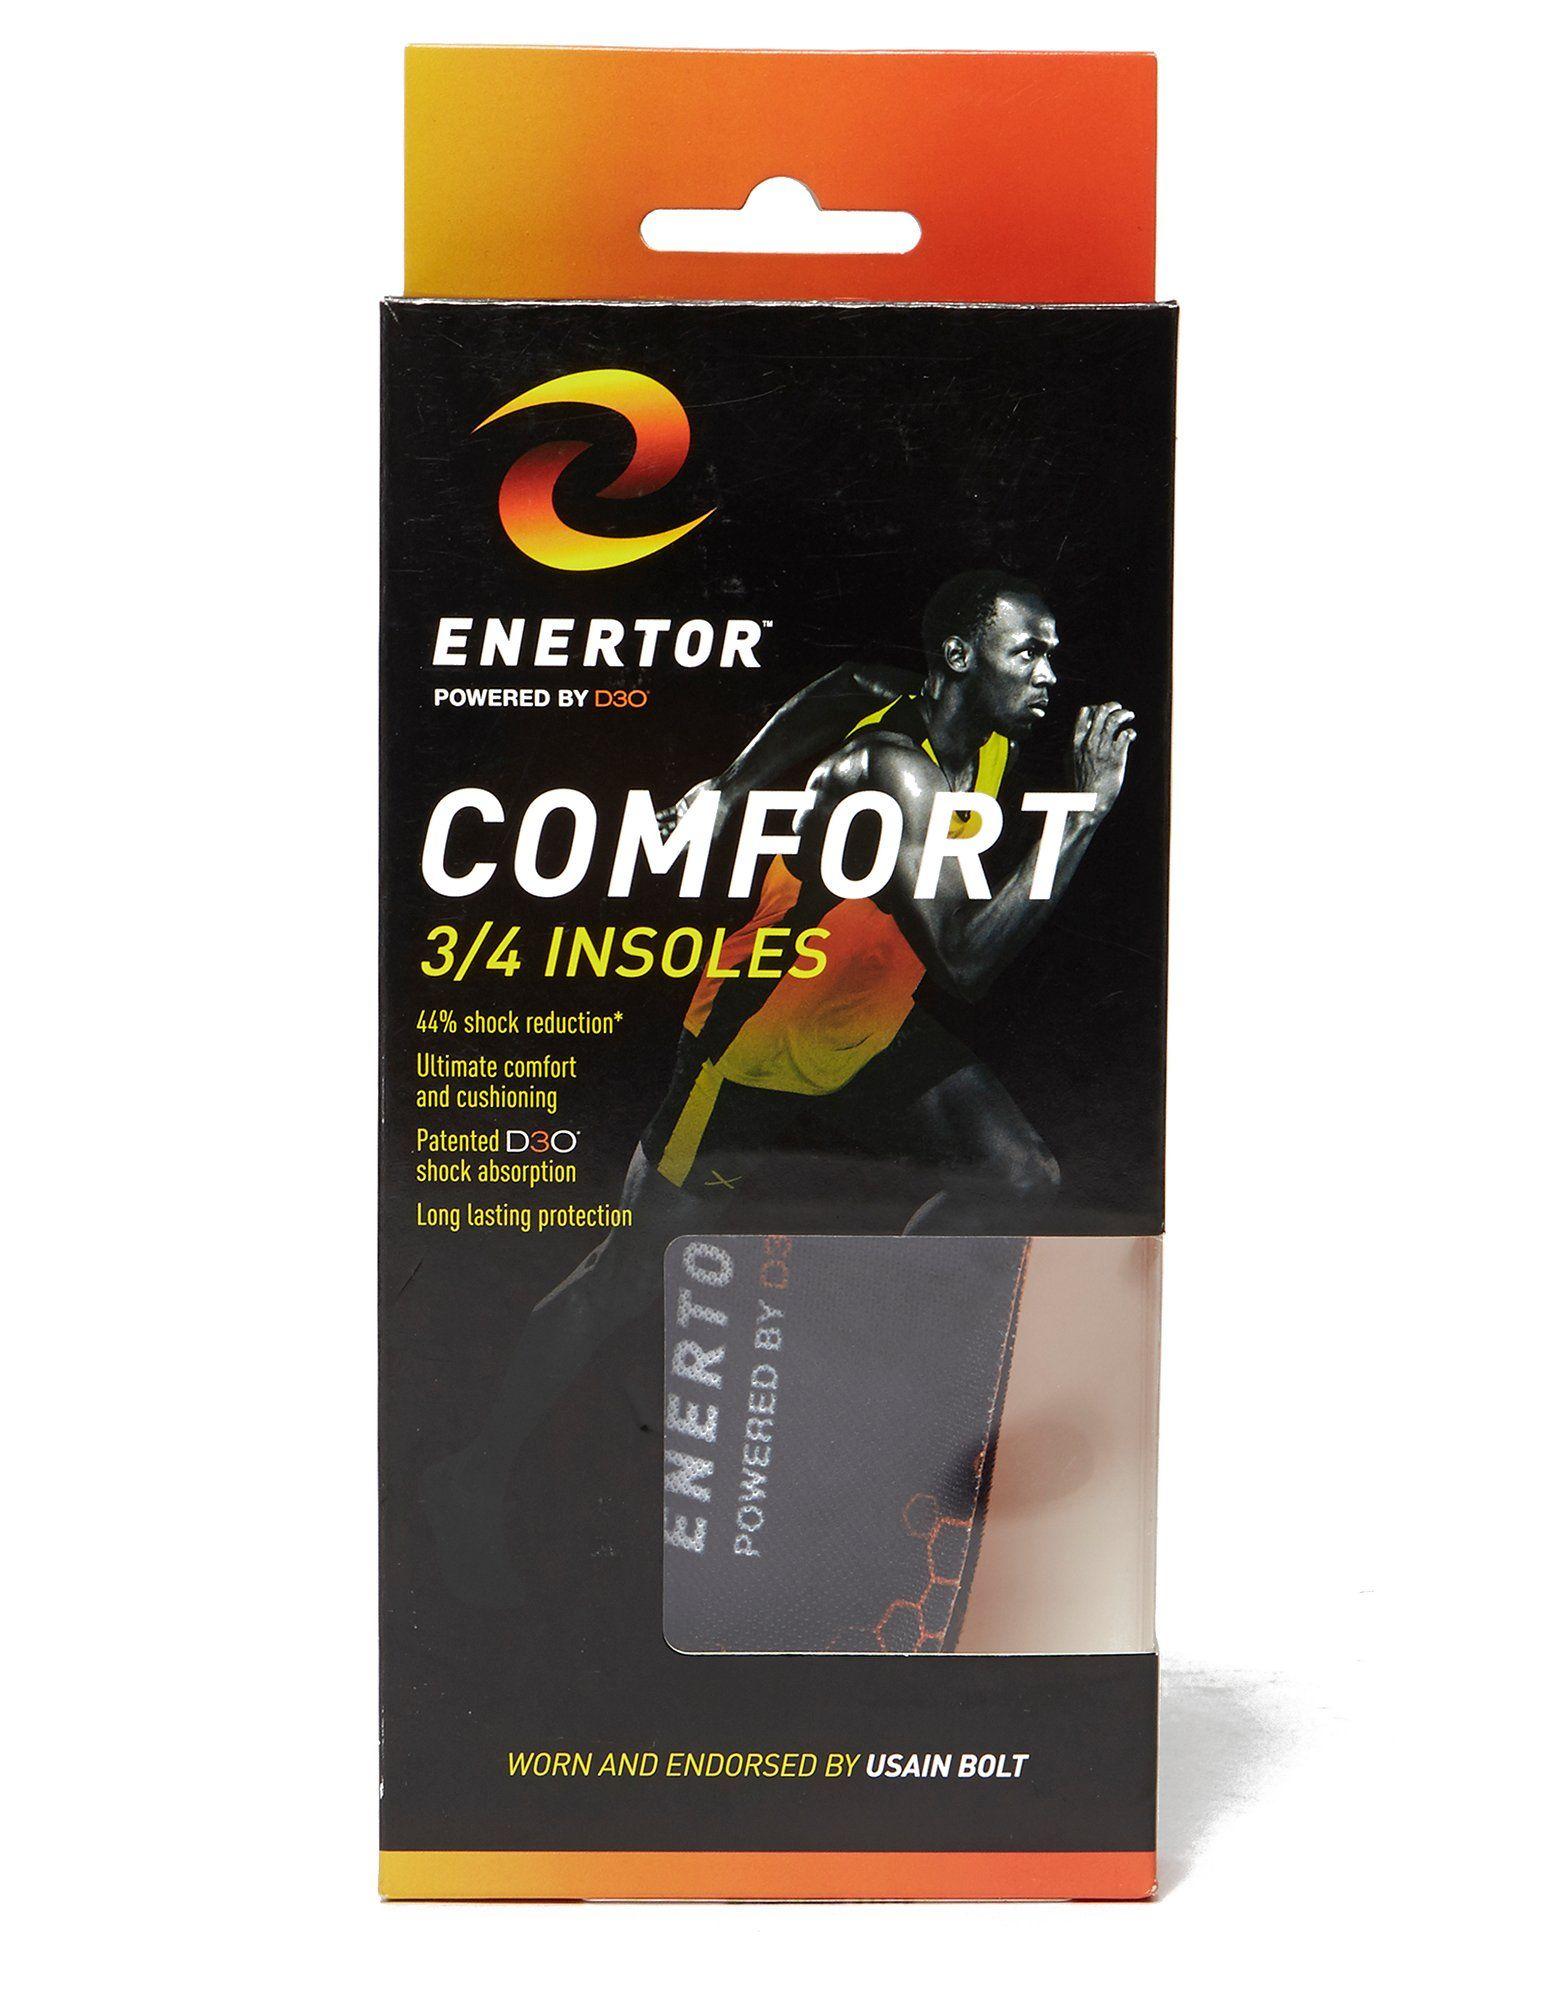 Enertor Comfort 3/4 Length Insoles